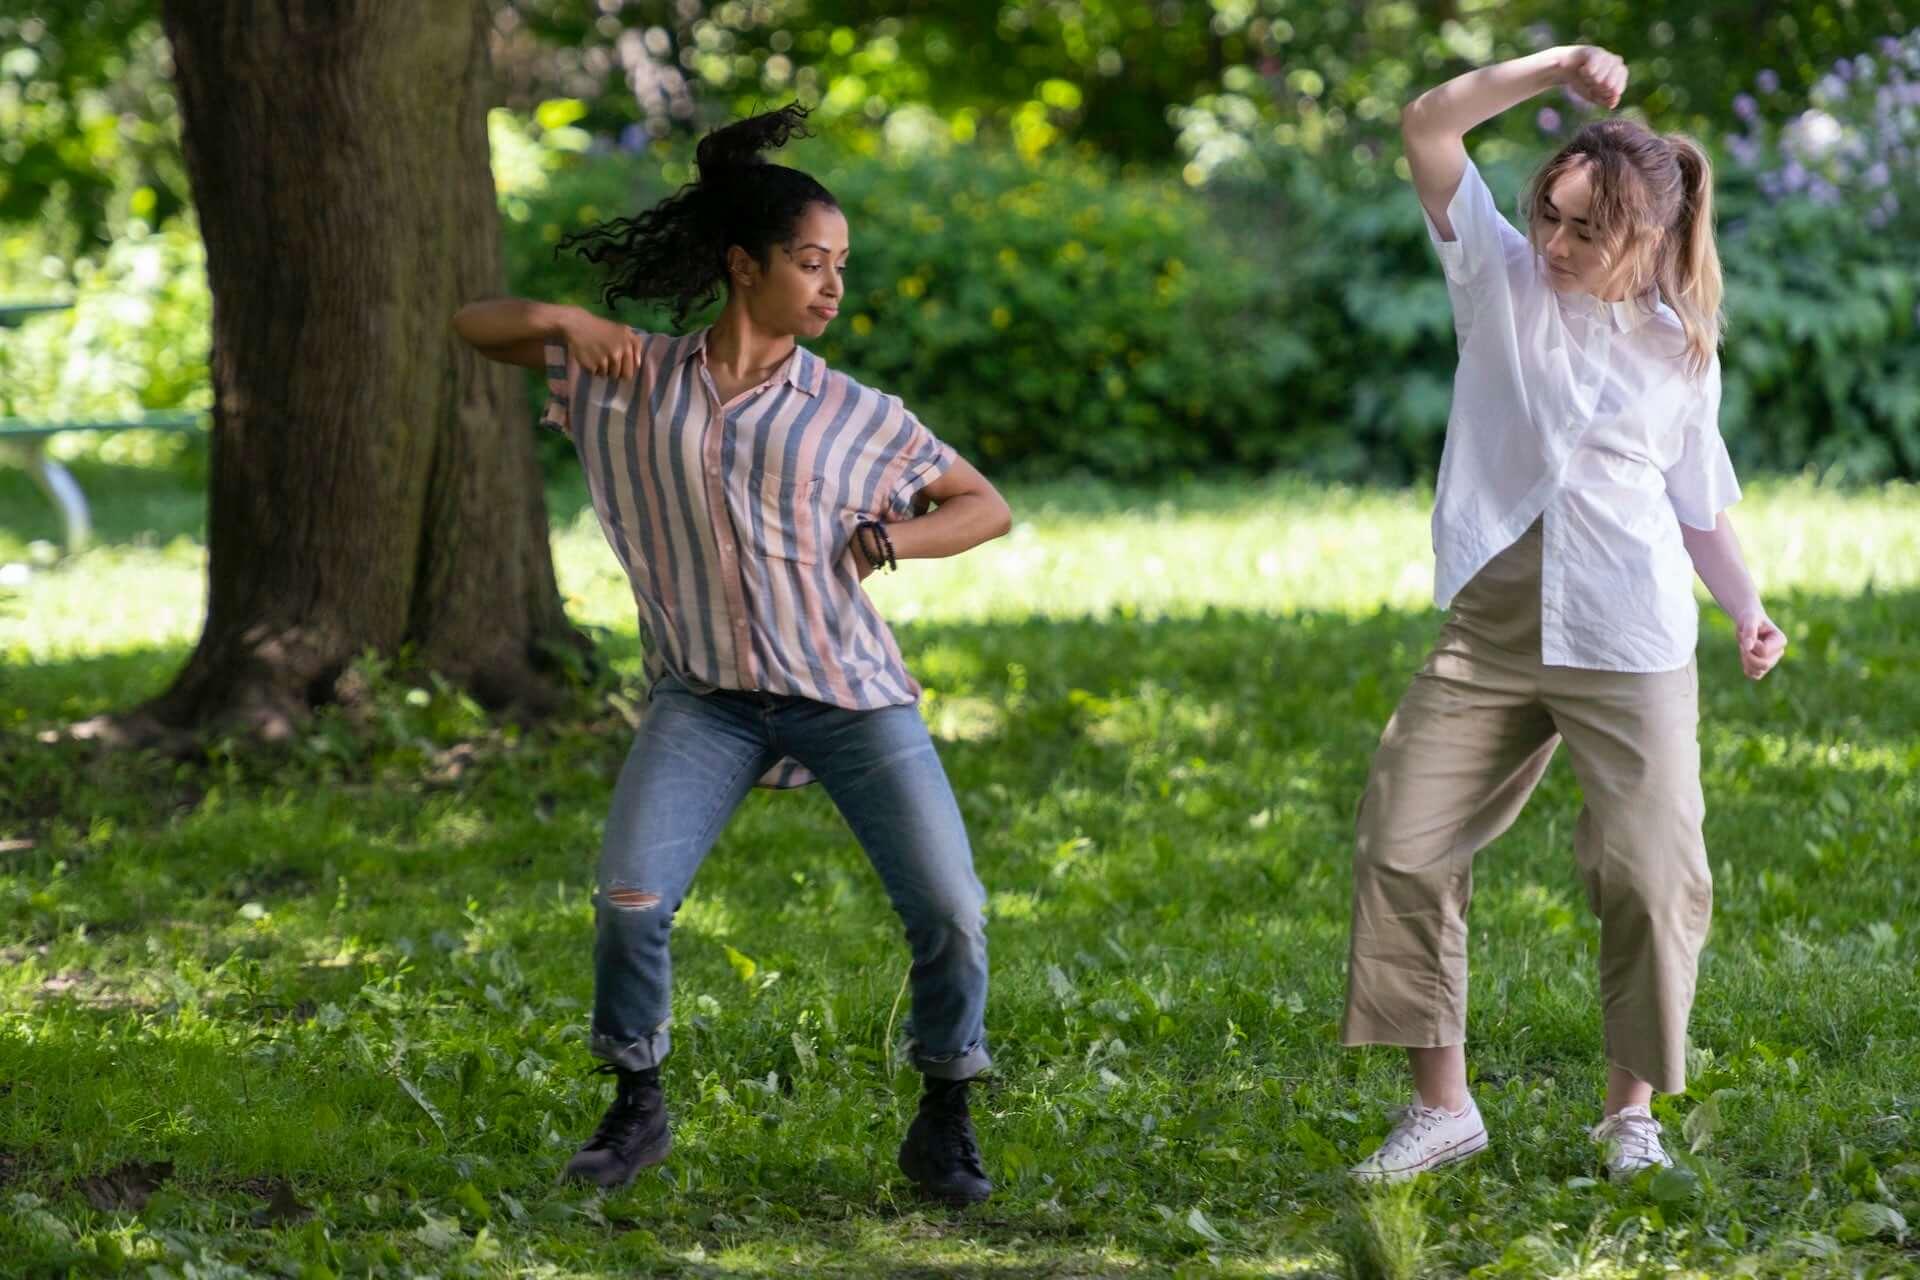 Netflixで『IT/イット THE END』『湯を沸かすほどの熱い愛』など8月より続々配信開始!Alicia Keysプロデュース映画『Work It』も film200728_netflix-august_14-1920x1280